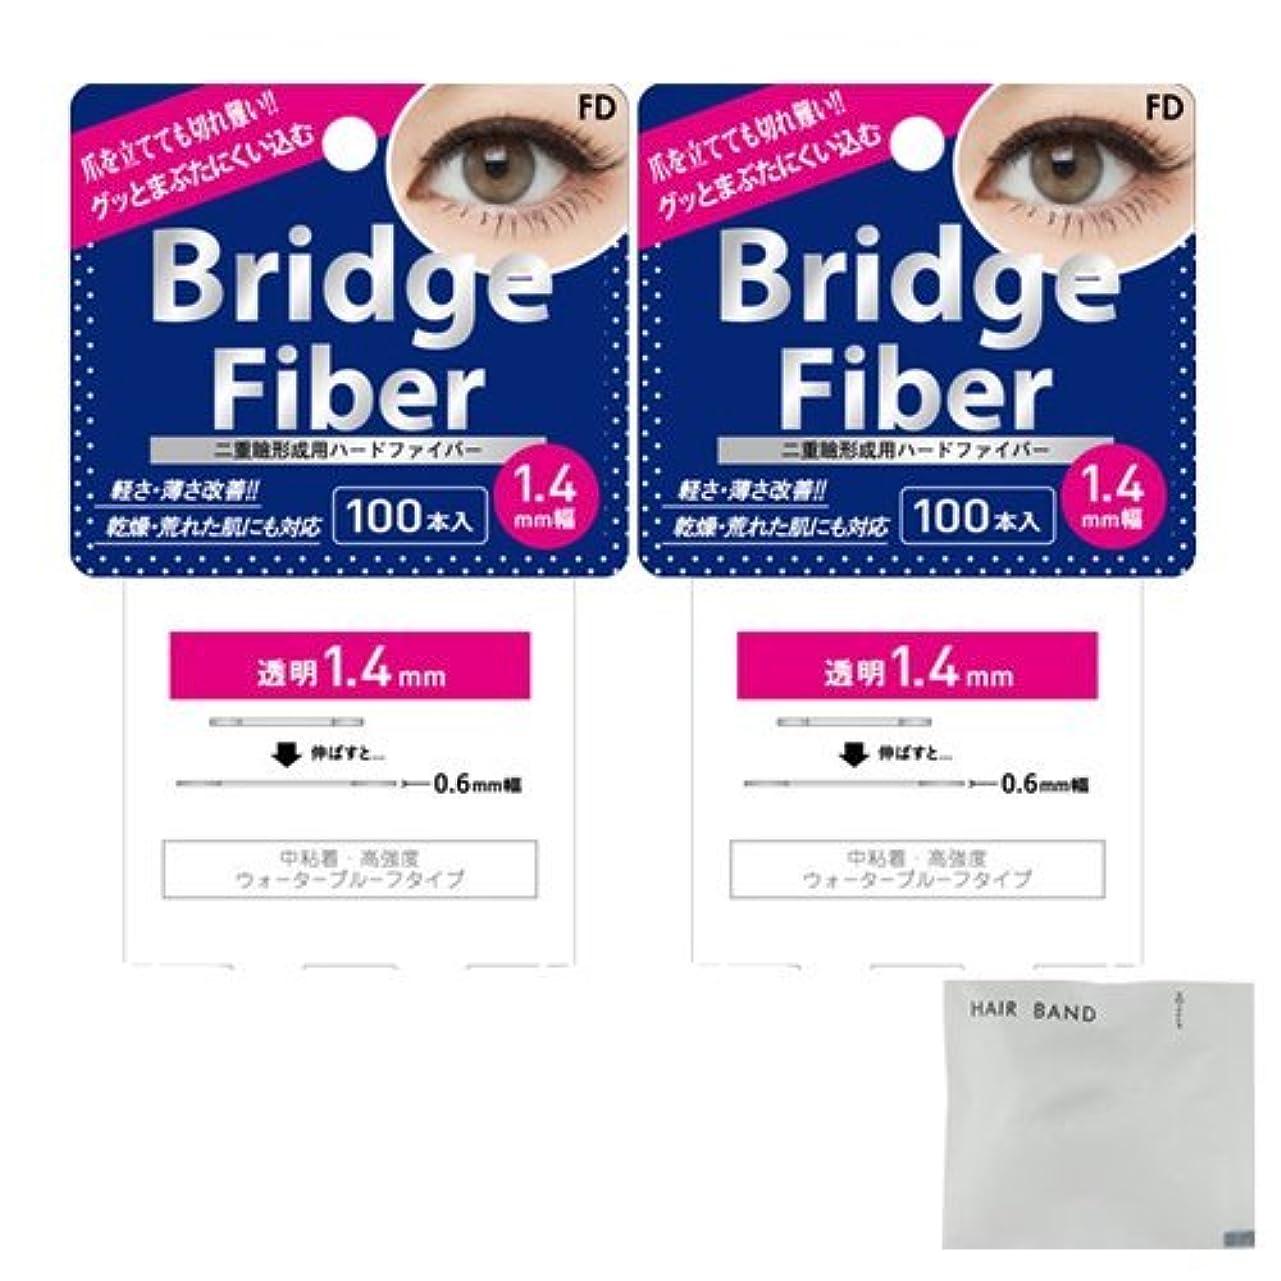 雑草勝つ教義FD ブリッジファイバーⅡ (Bridge Fiber) クリア1.4mm×2個 + ヘアゴム(カラーはおまかせ)セット